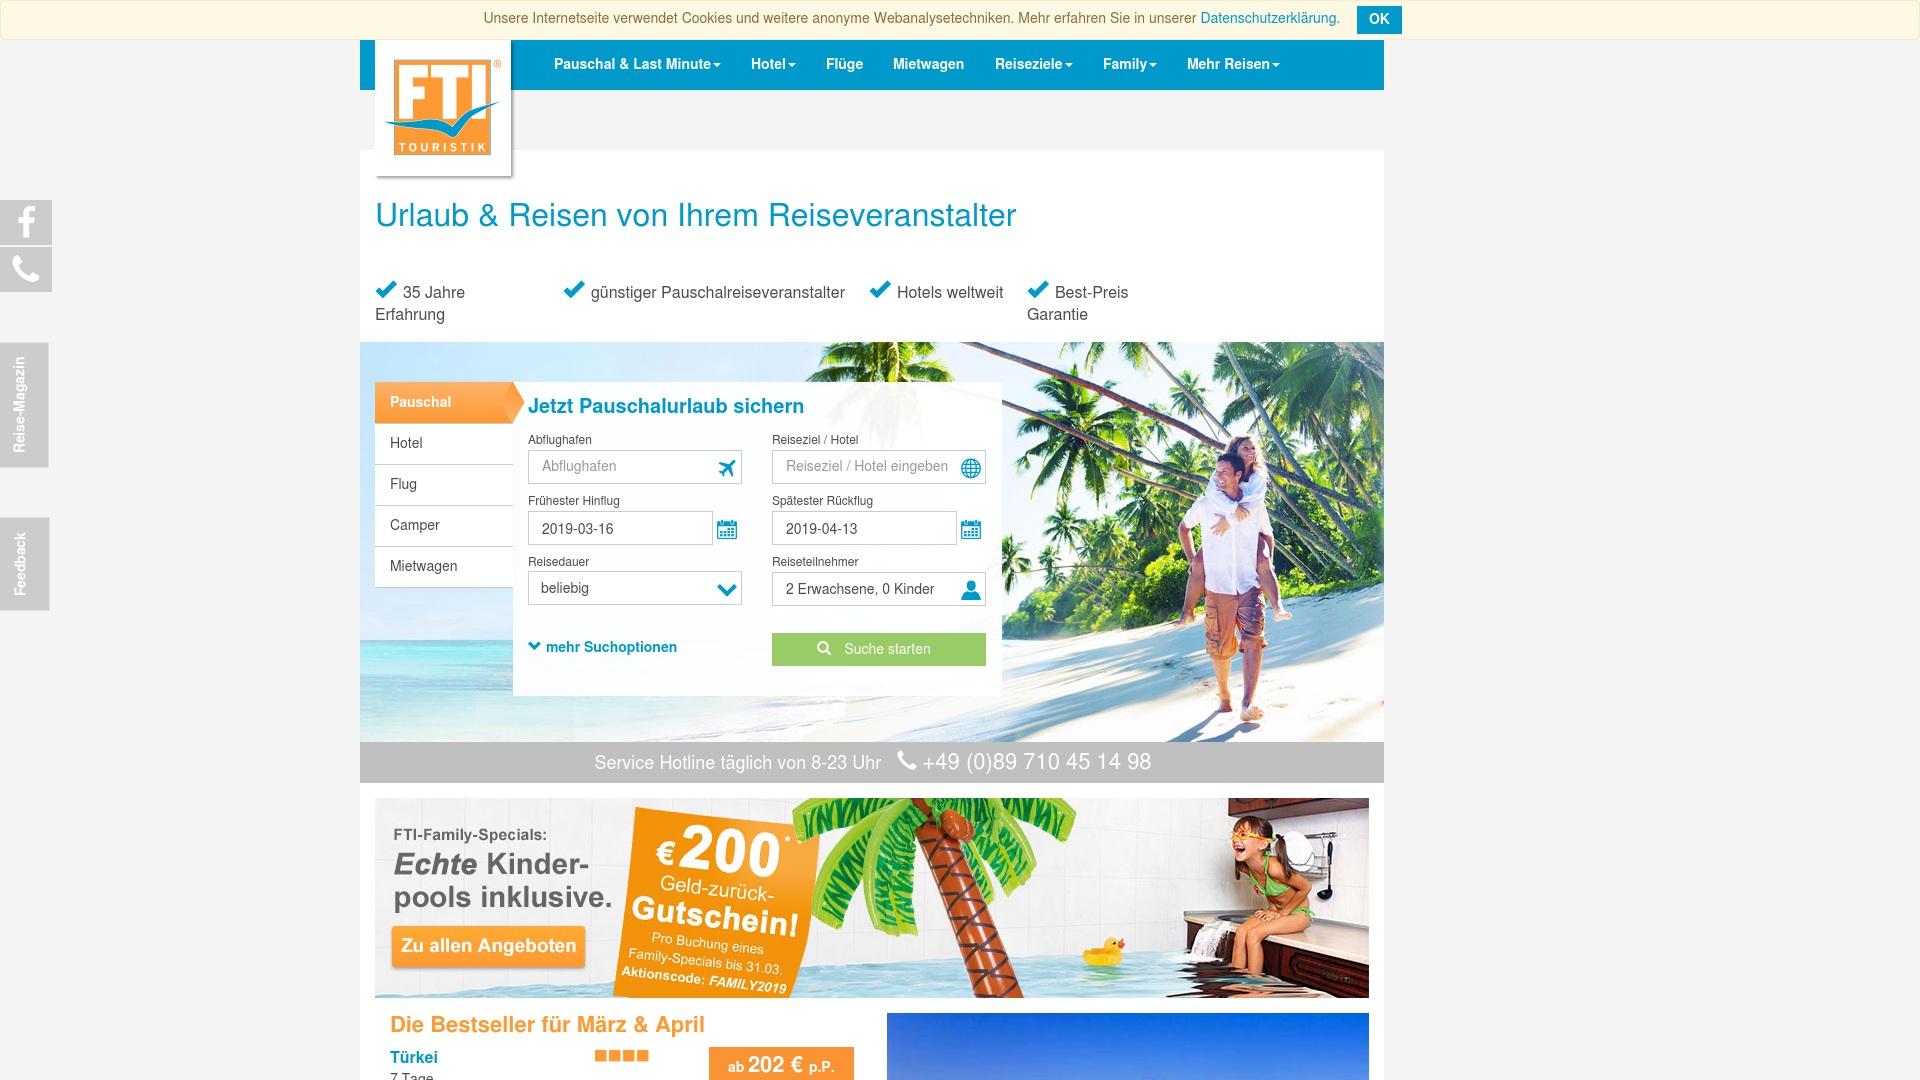 Gutschein für Fti: Rabatte für  Fti sichern